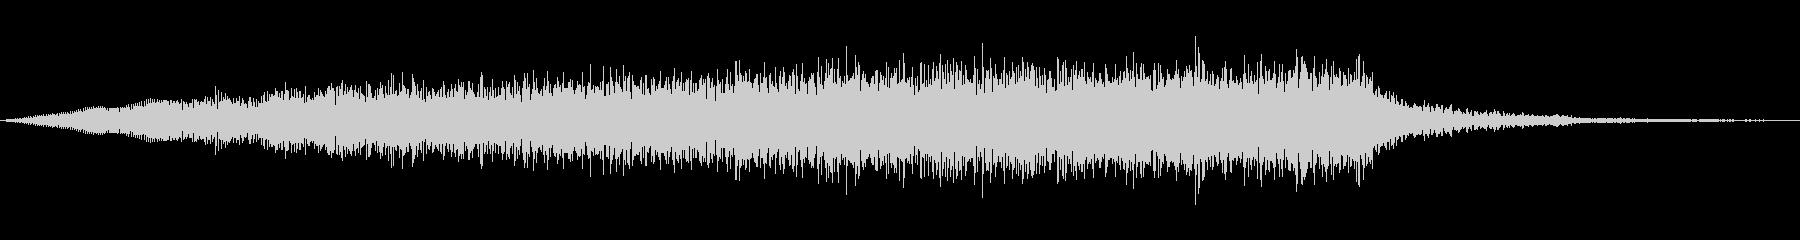 ジングル101hの未再生の波形